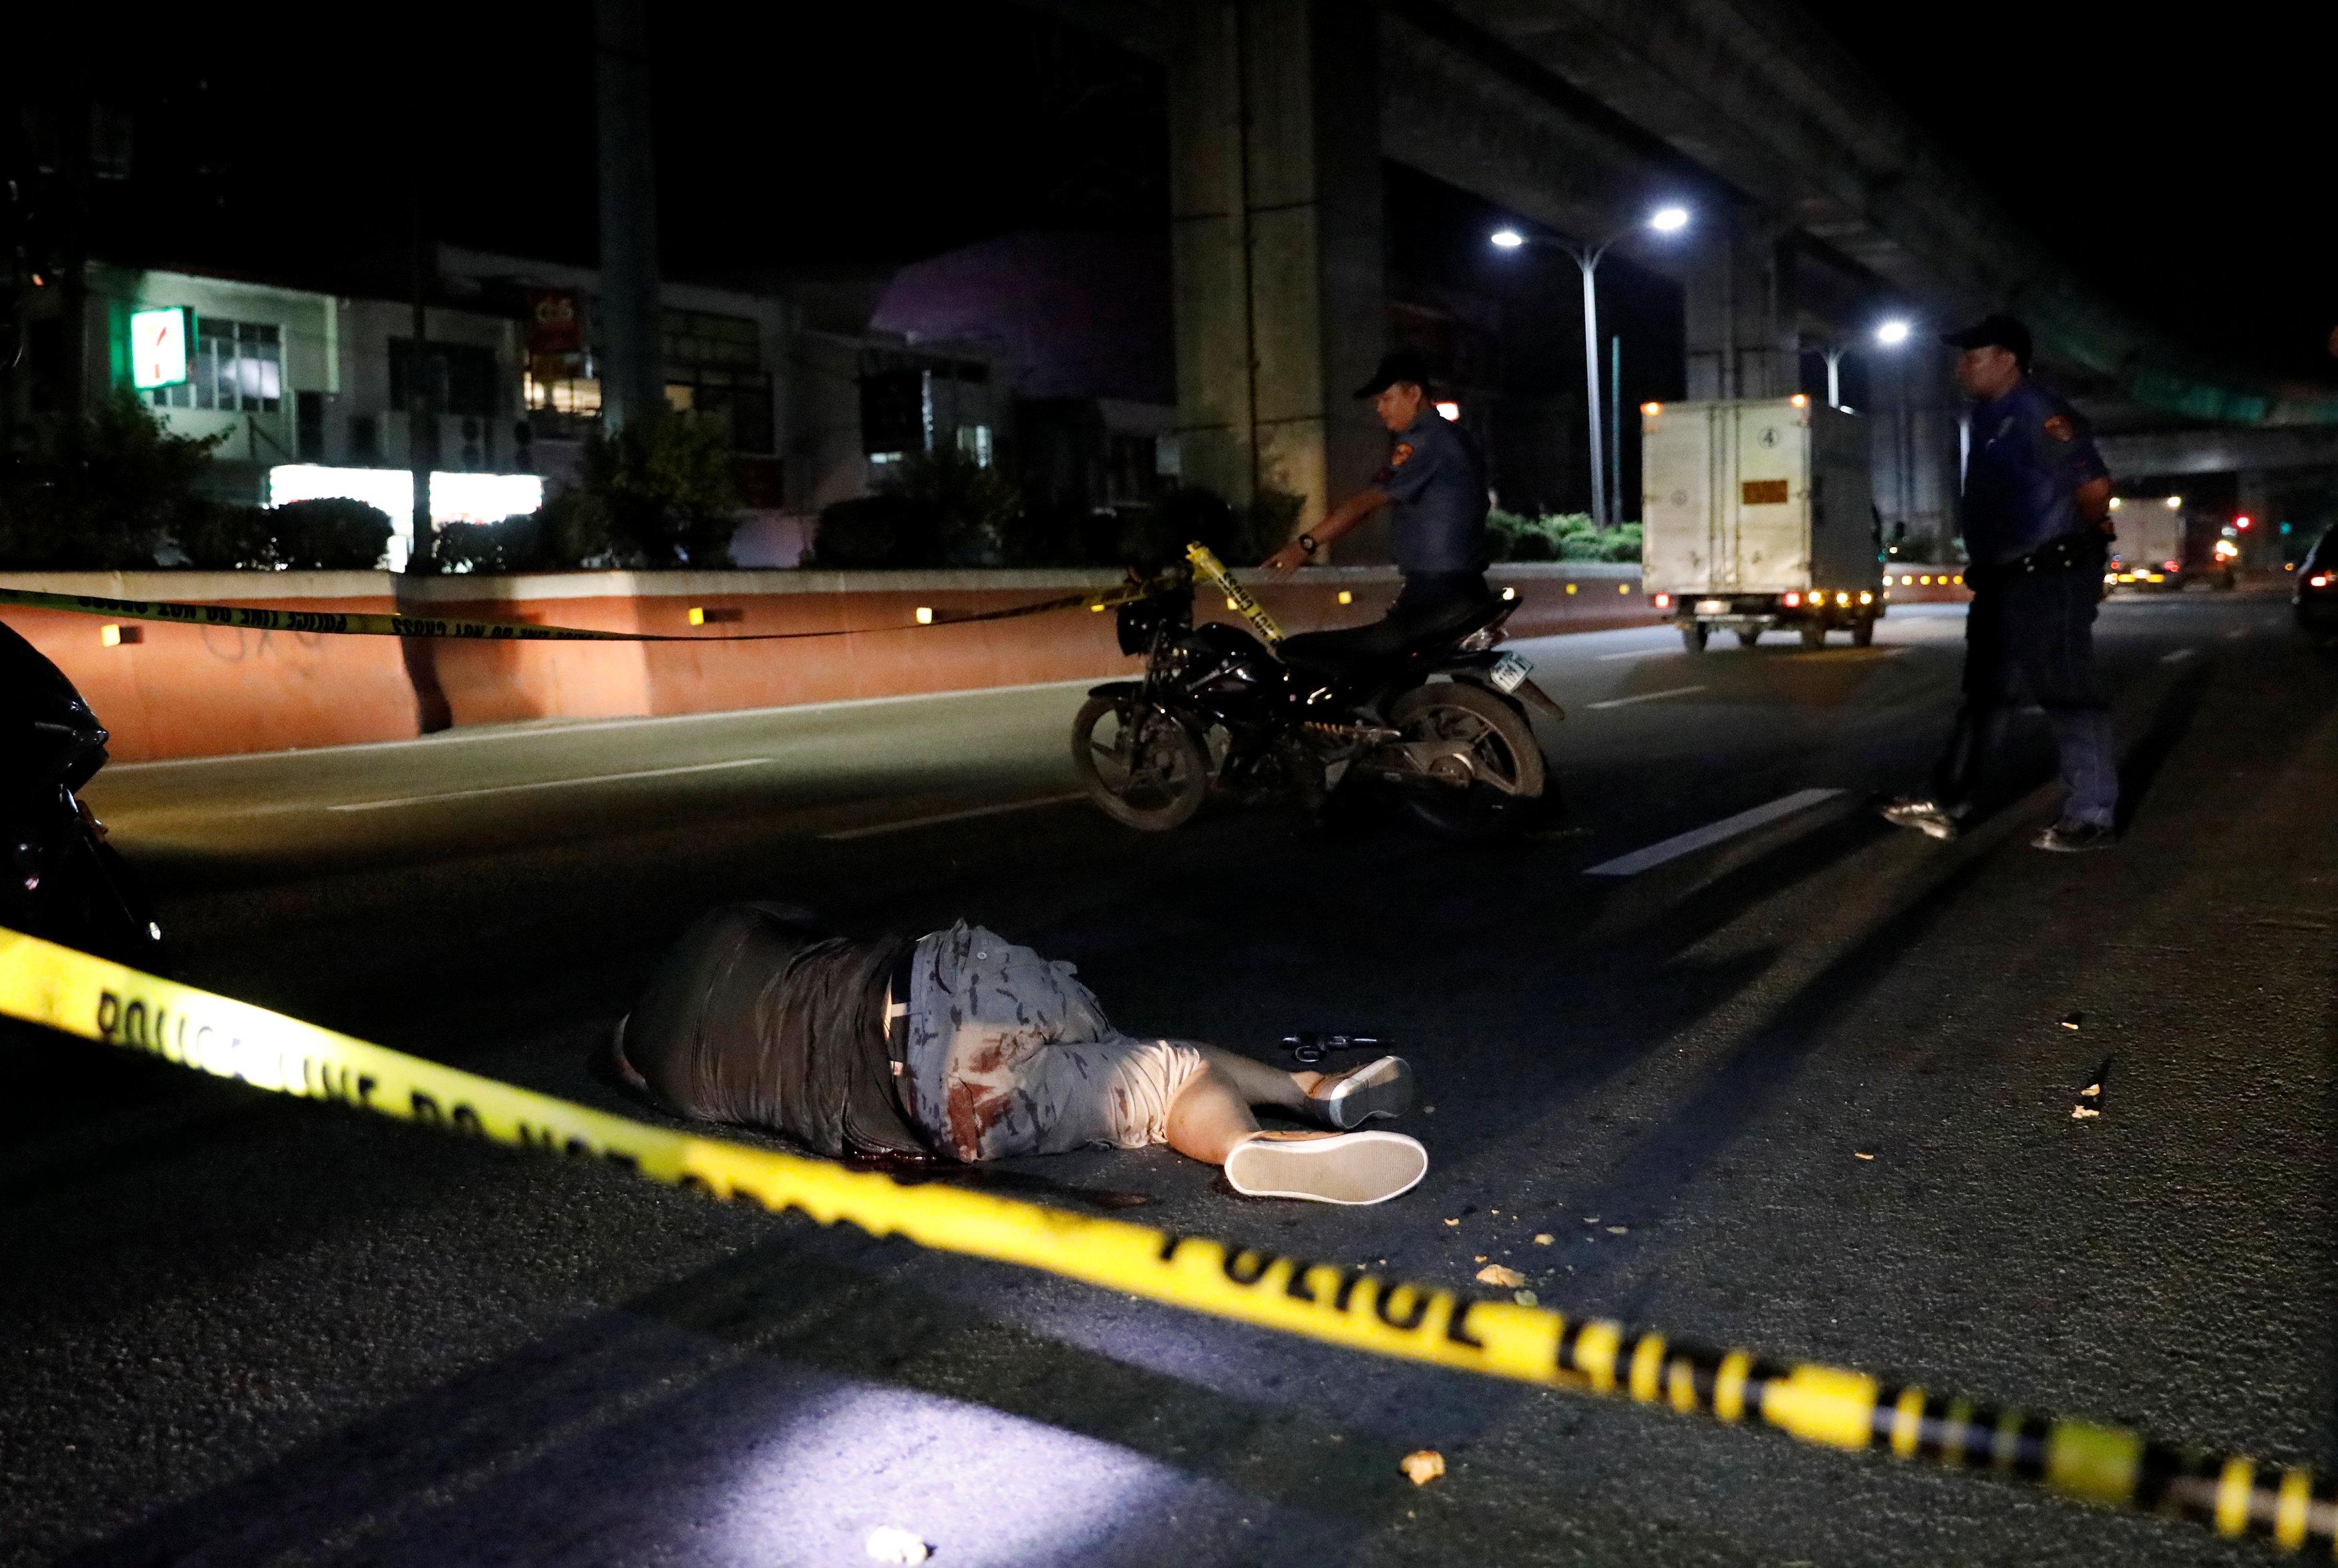 الشرطة الفلبينة تقتل أحد المجرمين